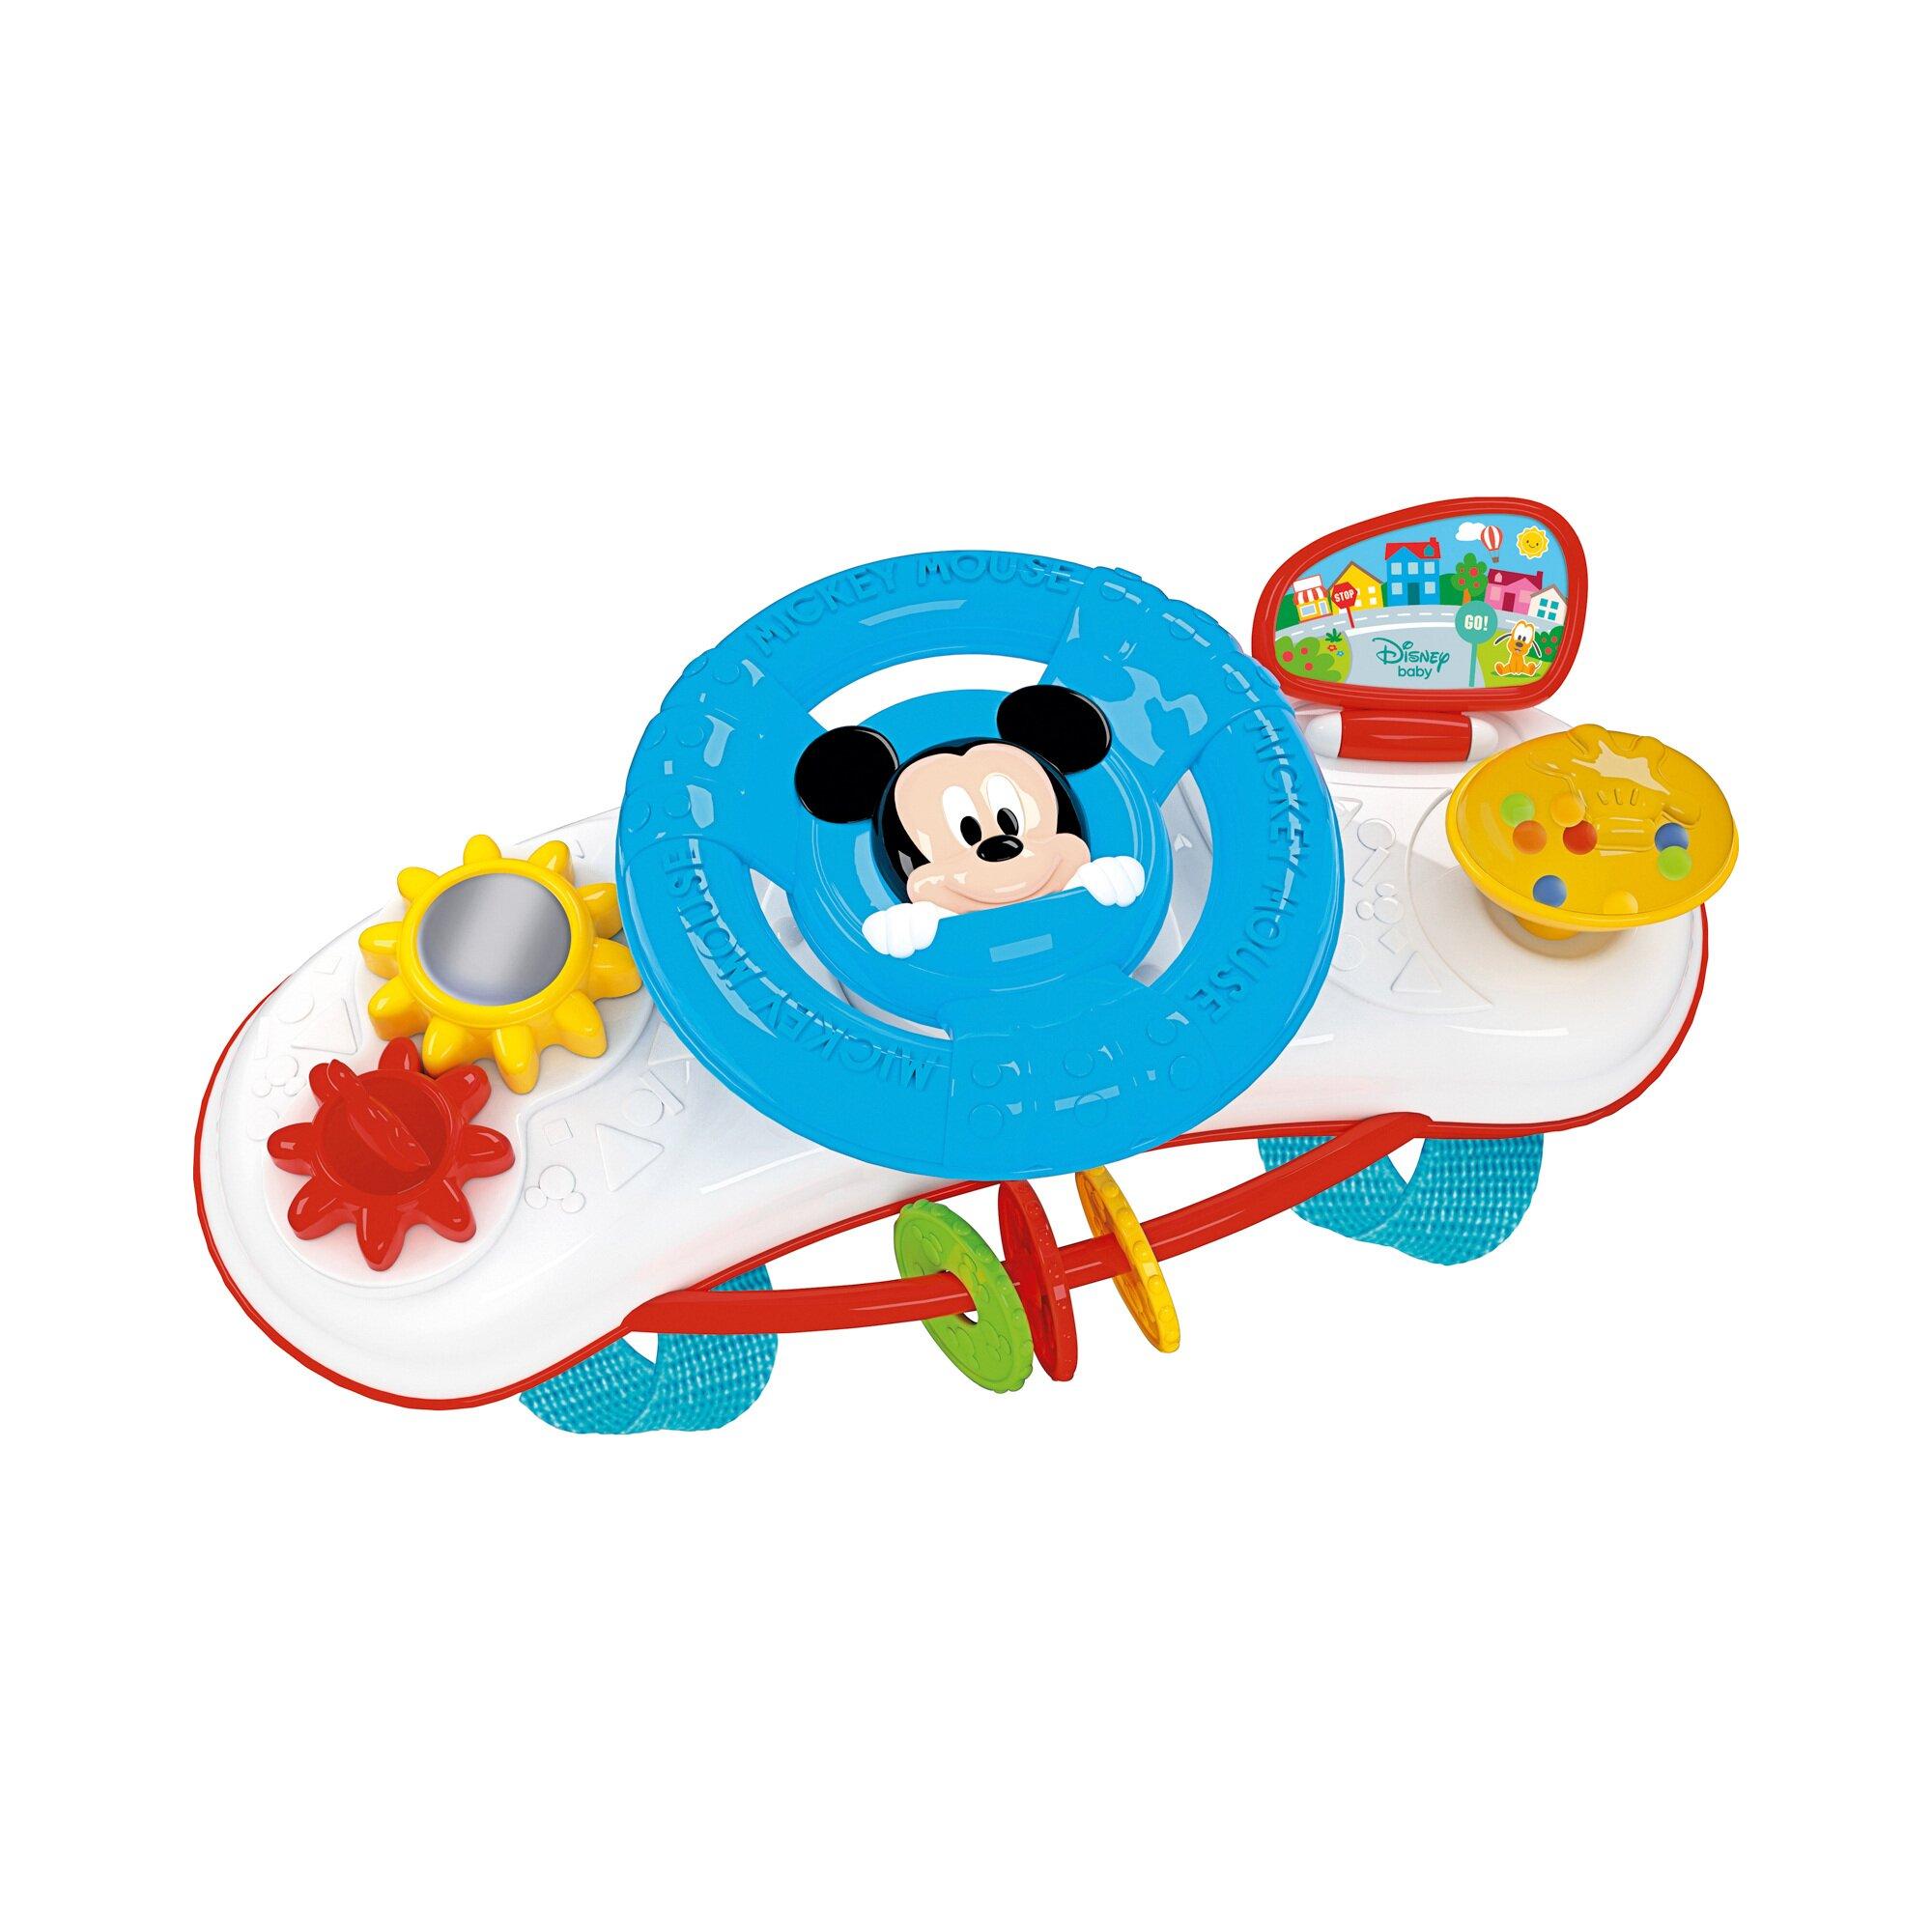 Disney Baby Kinderwagen-Spielcenter mehrfarbig